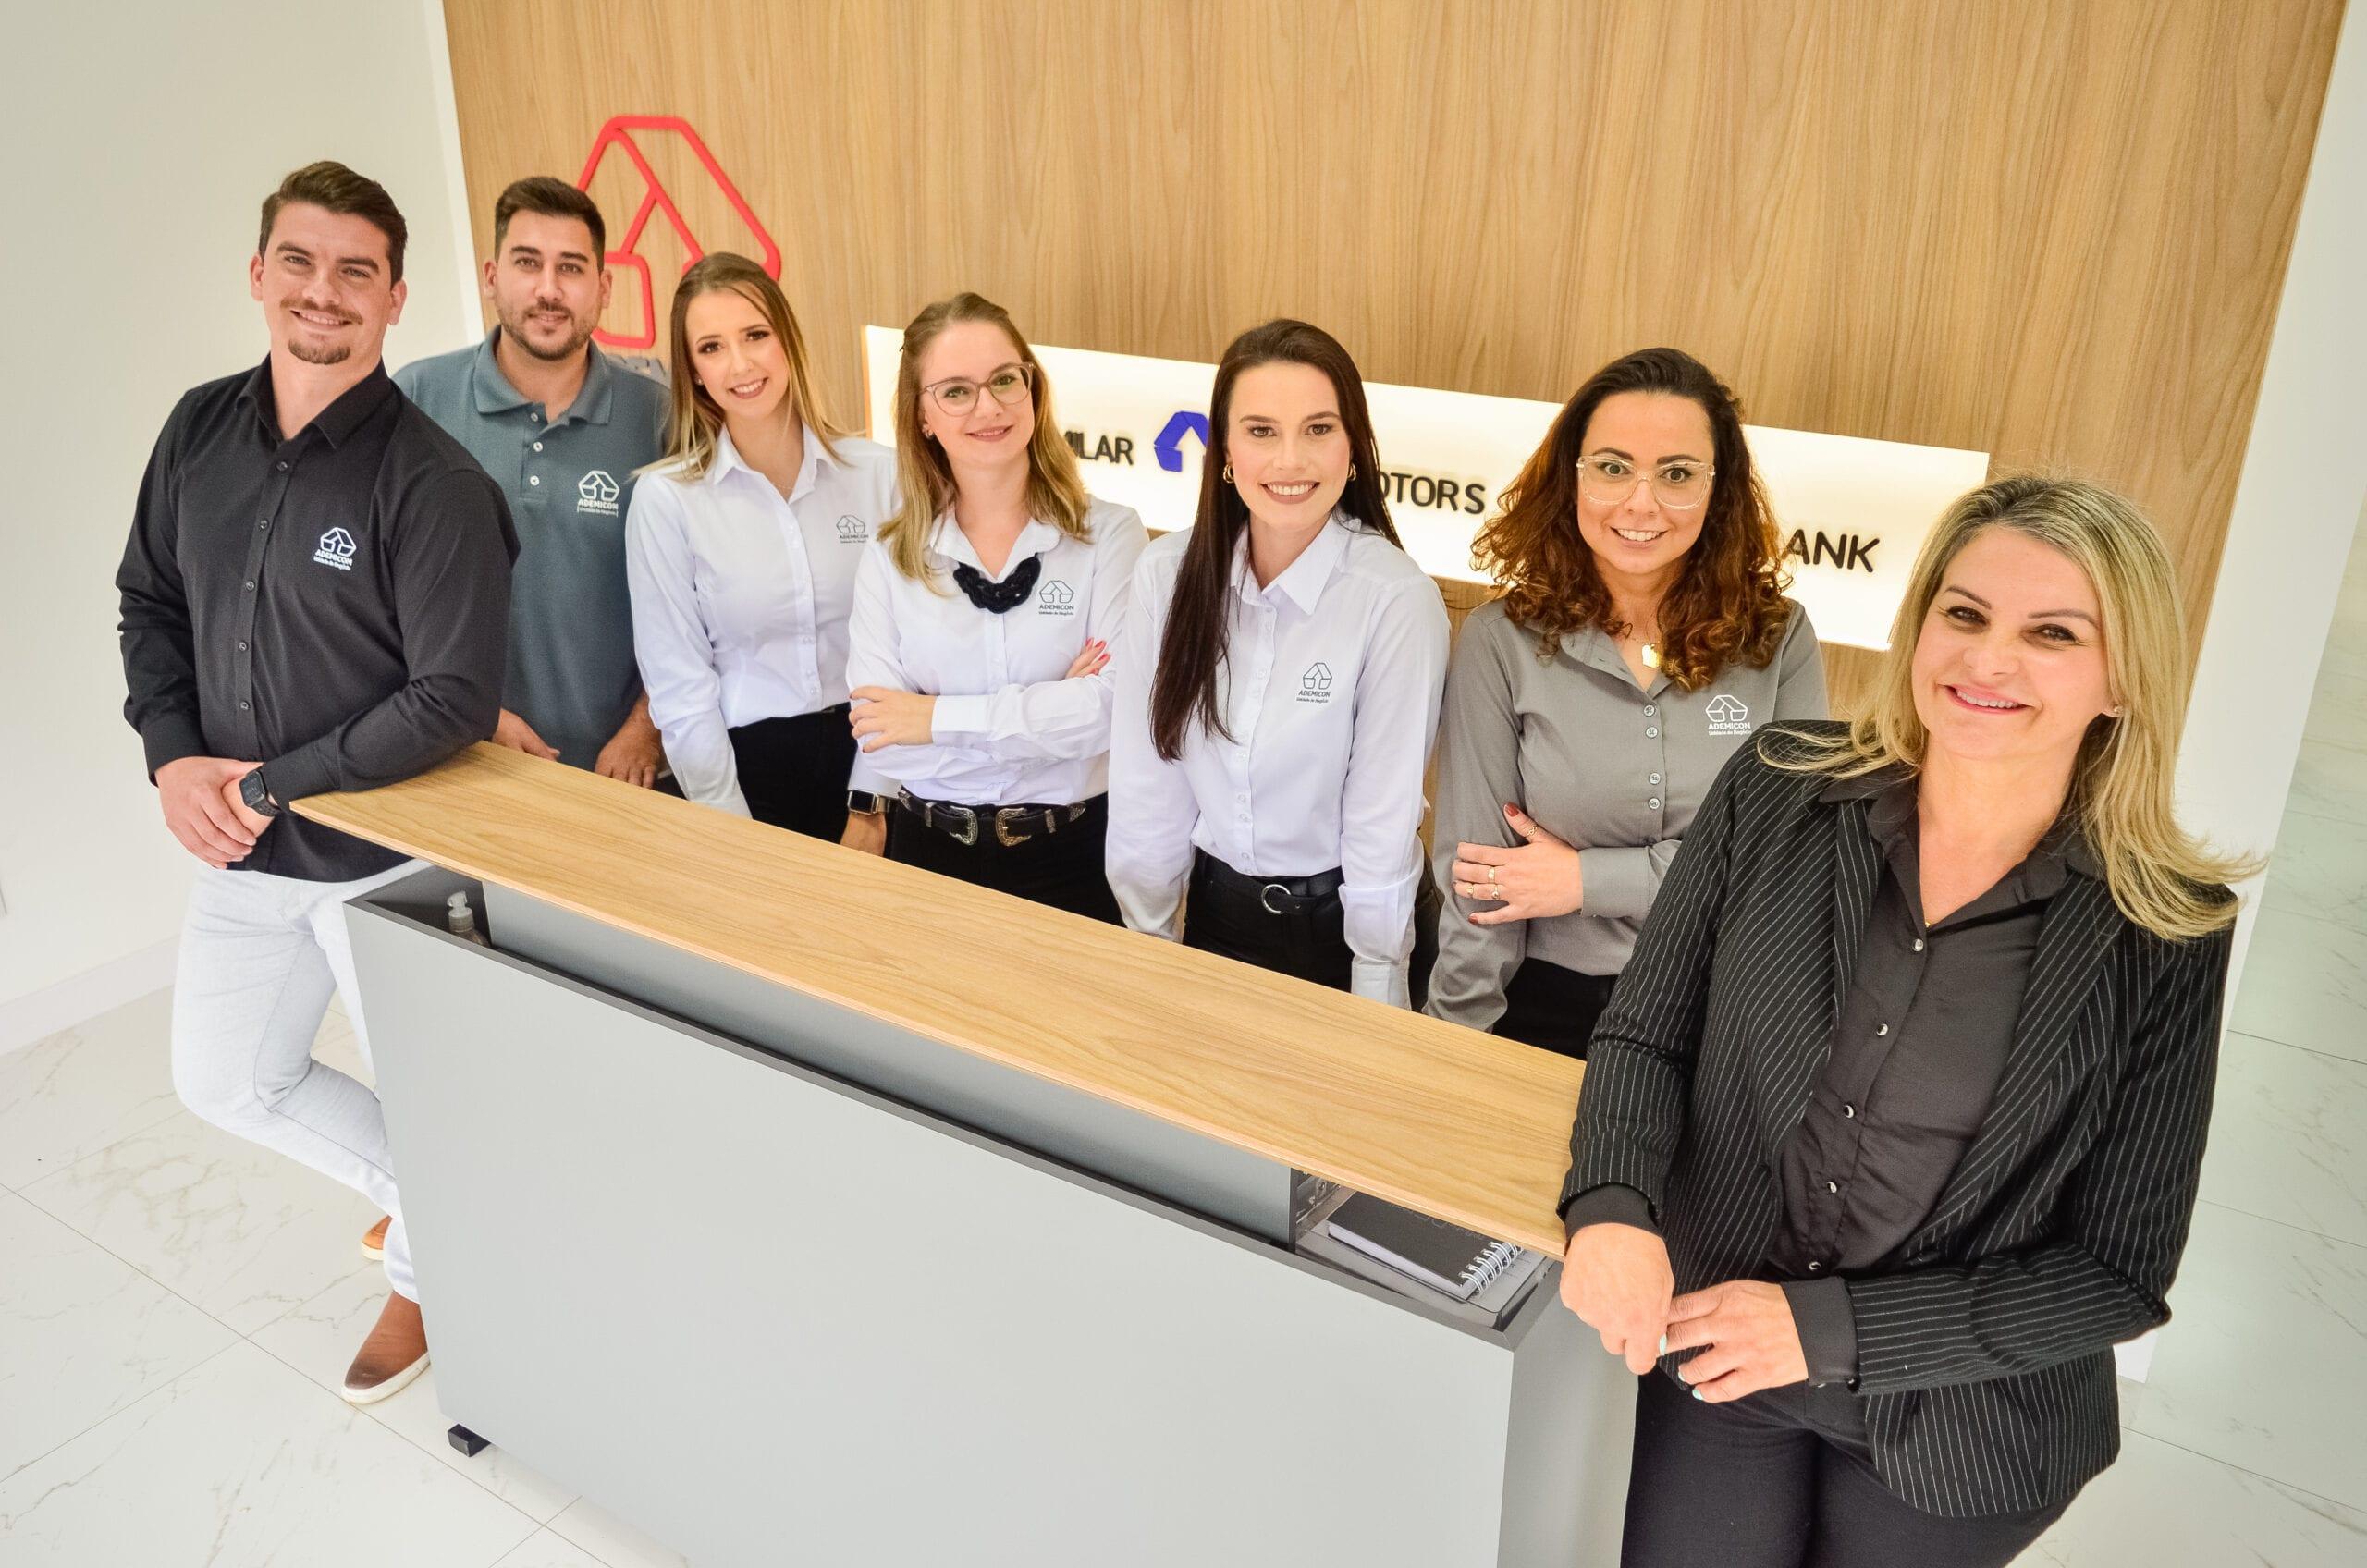 Visite a nova loja da Ademicon em Videira na semana de inauguração DSC4454 scaled